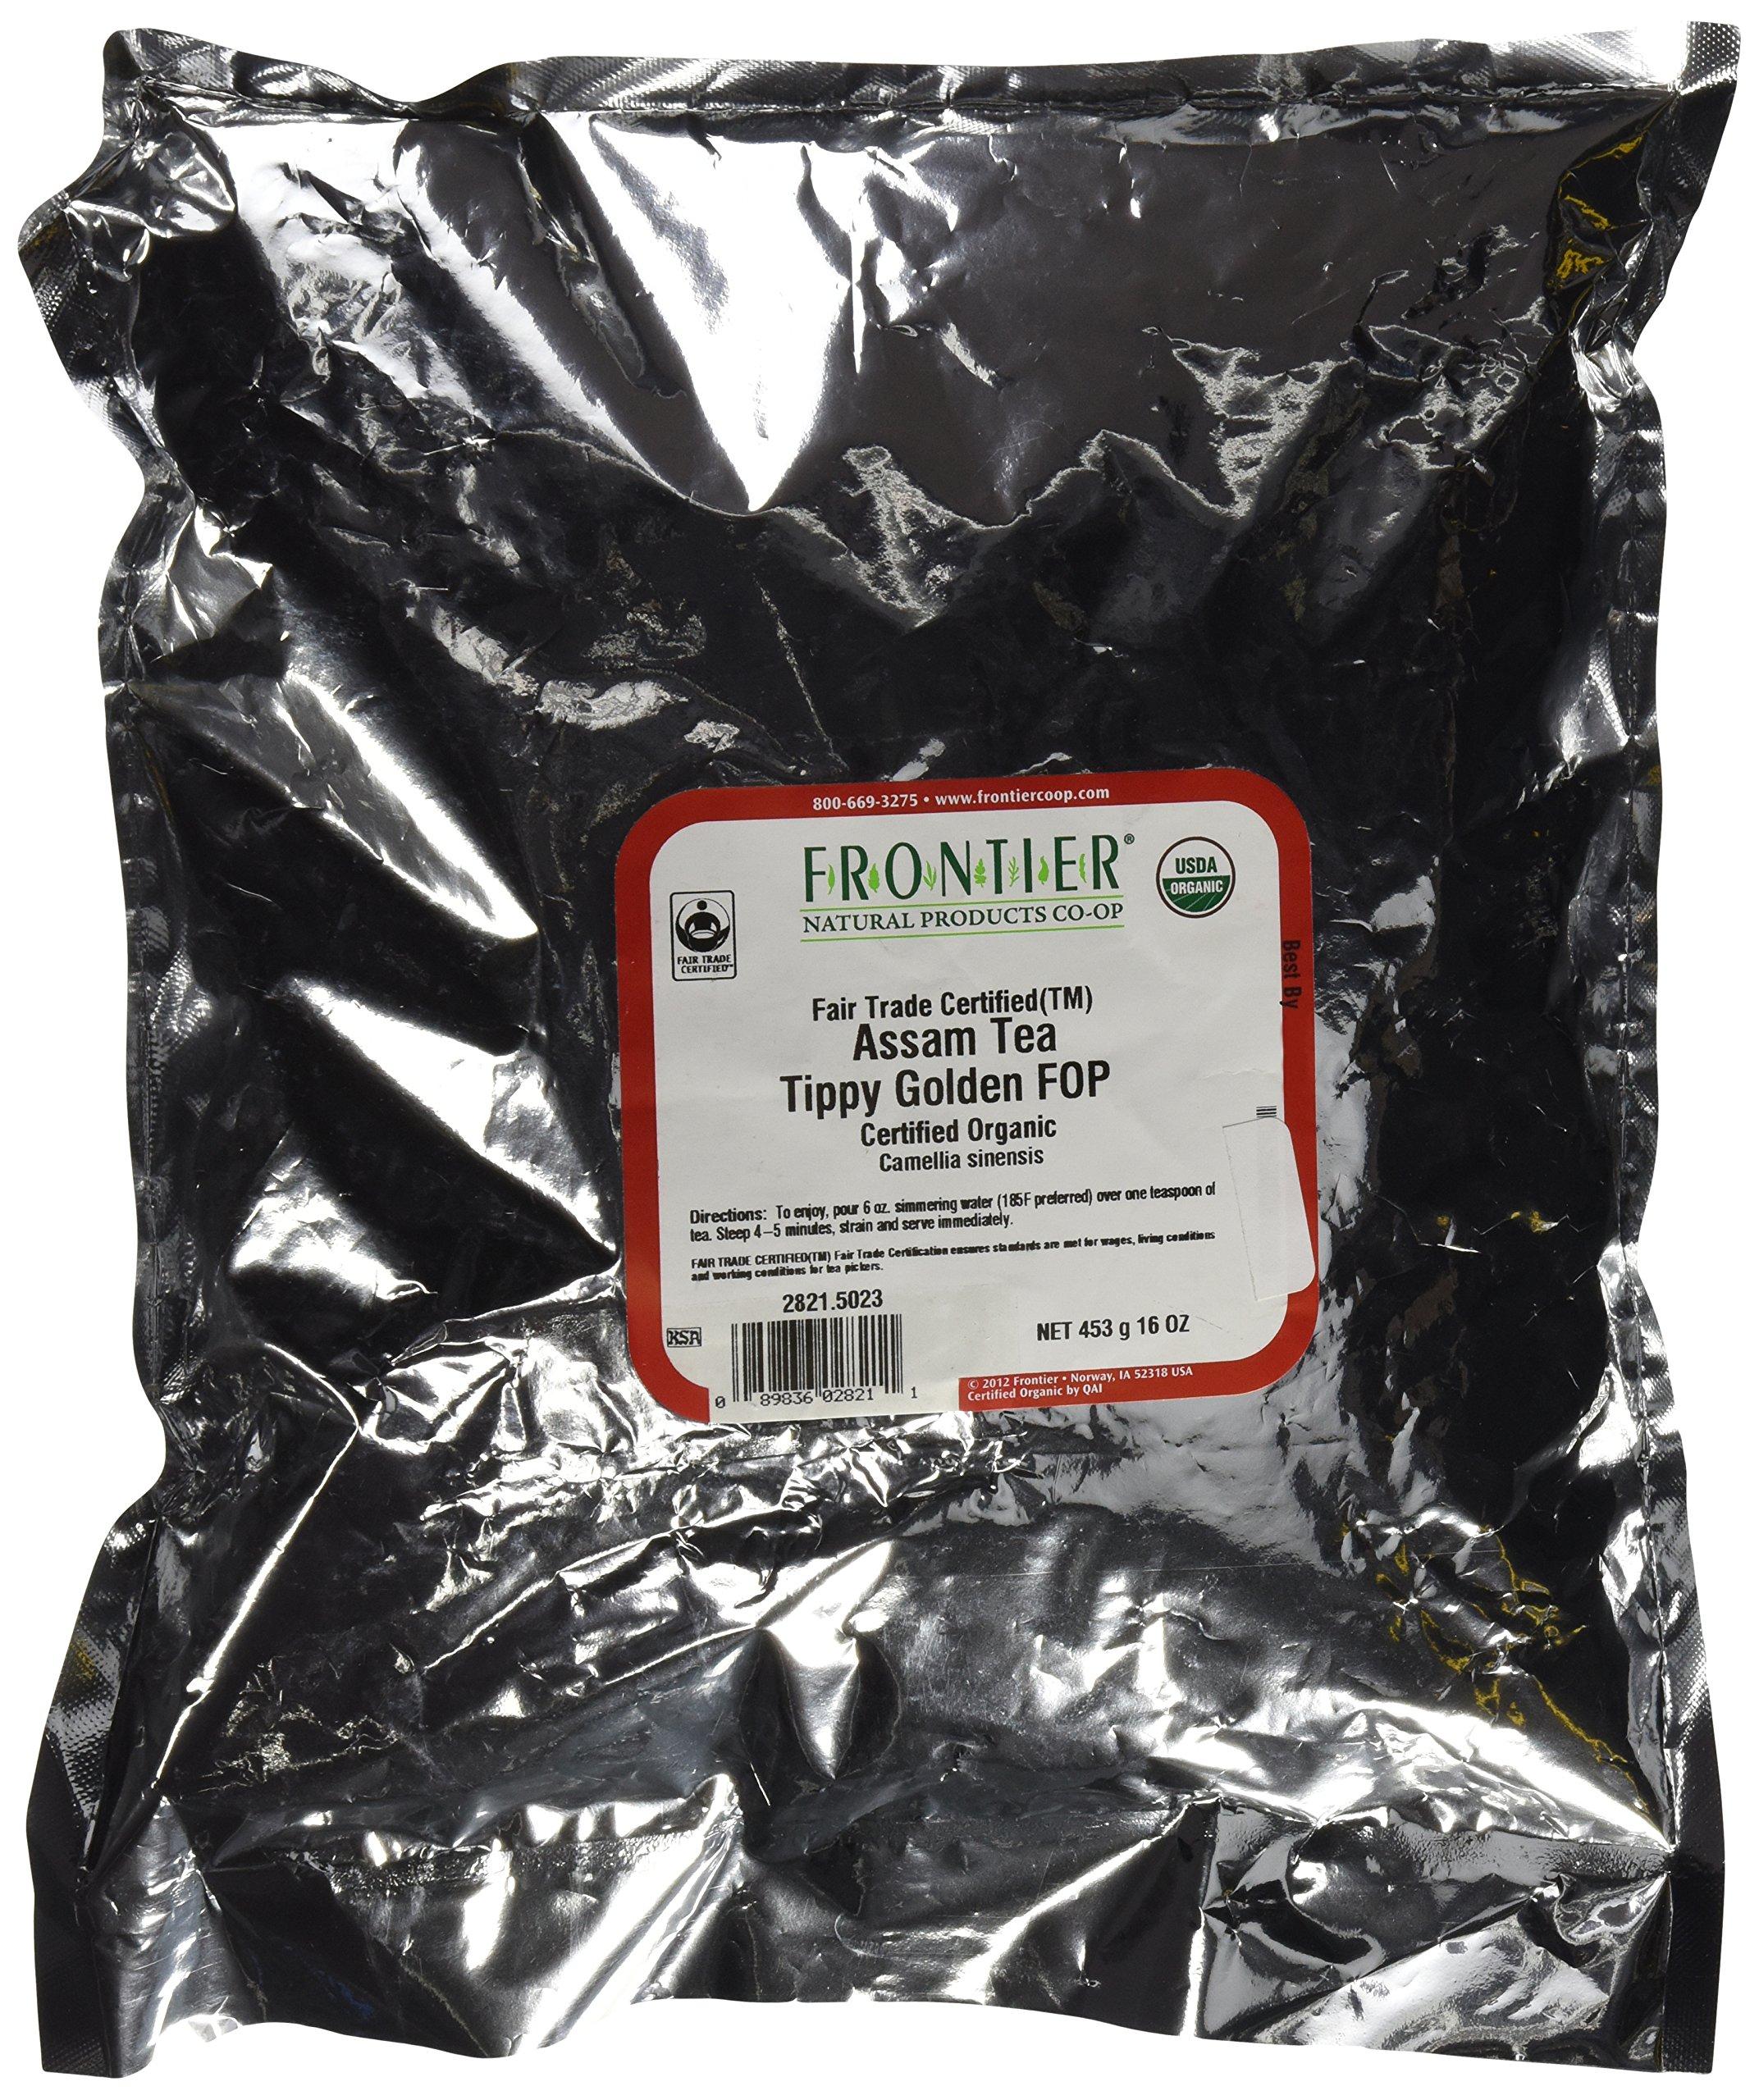 Assam Organic & Fair Trade - 1 lb,(Frontier)